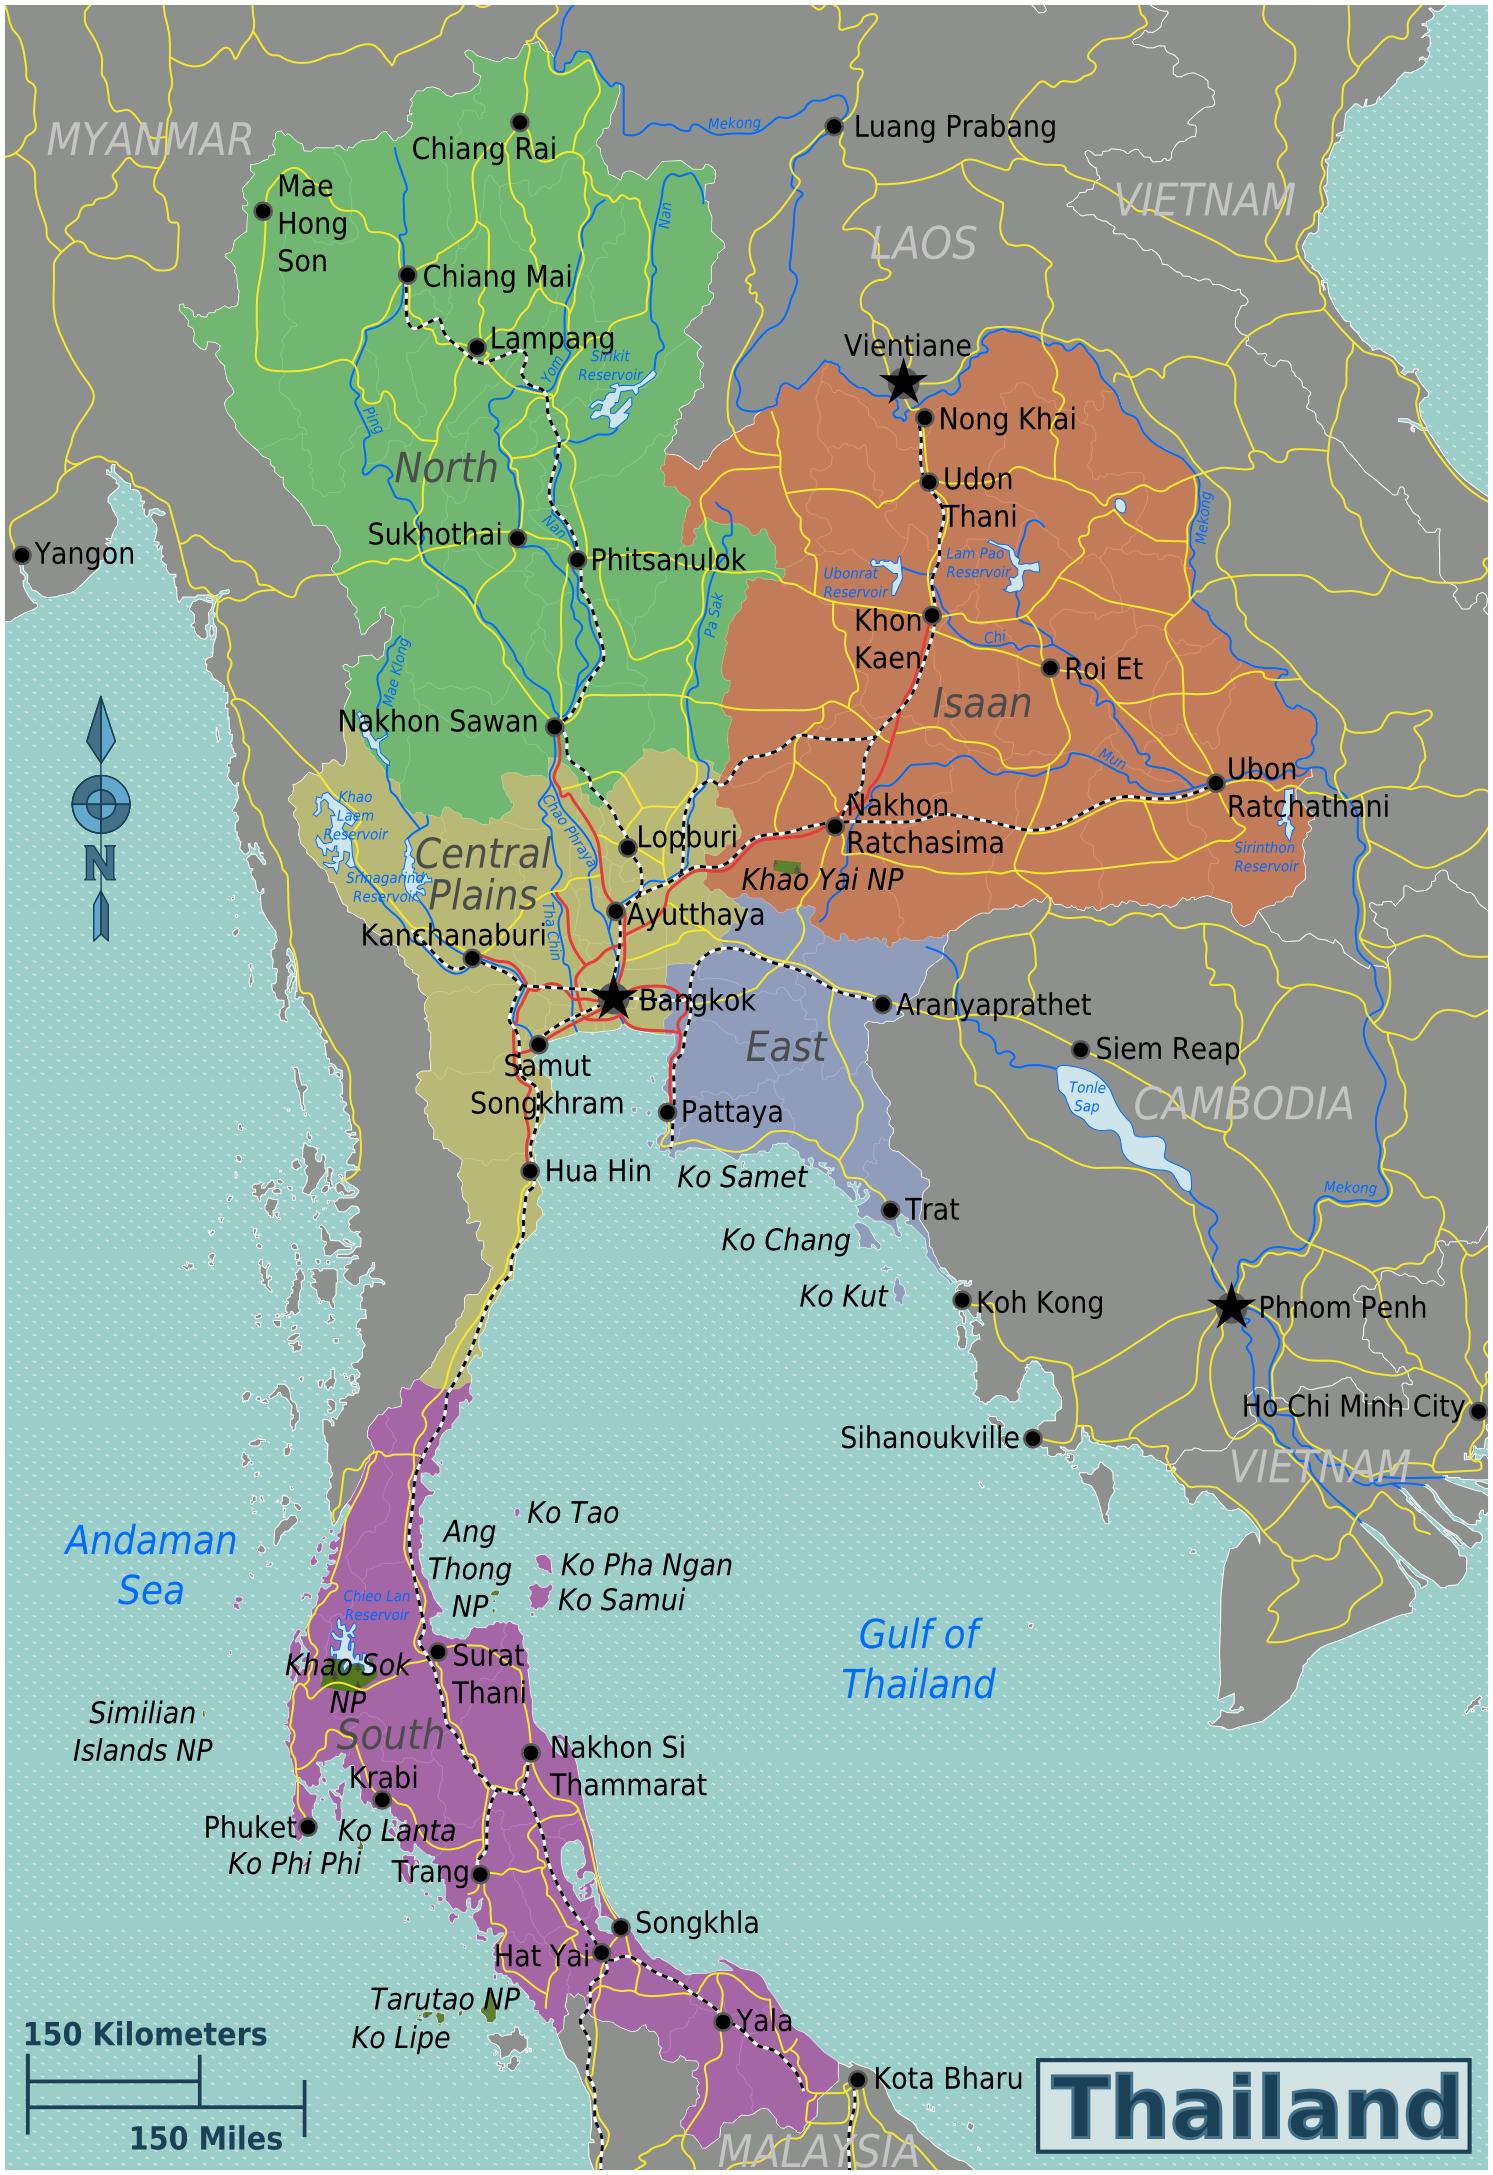 karte thailand Karte Thailand regionen | Thailand in 2019 | Thailand tourism